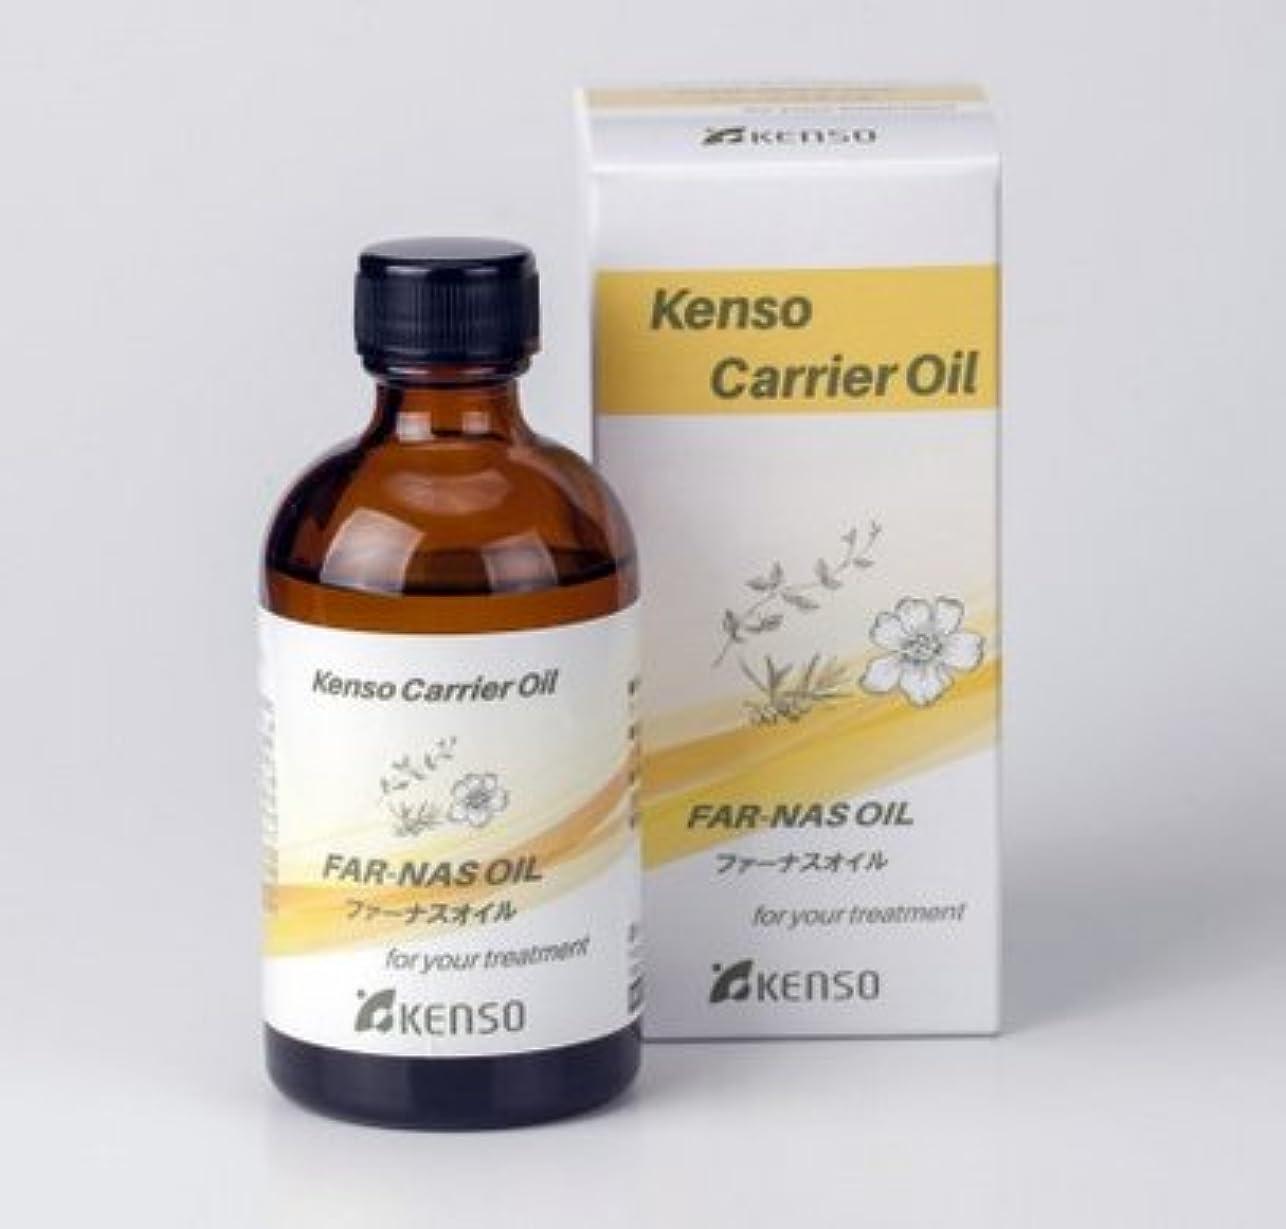 鼻異なる災難ファーナスオイル 100mlKENSOの植物油